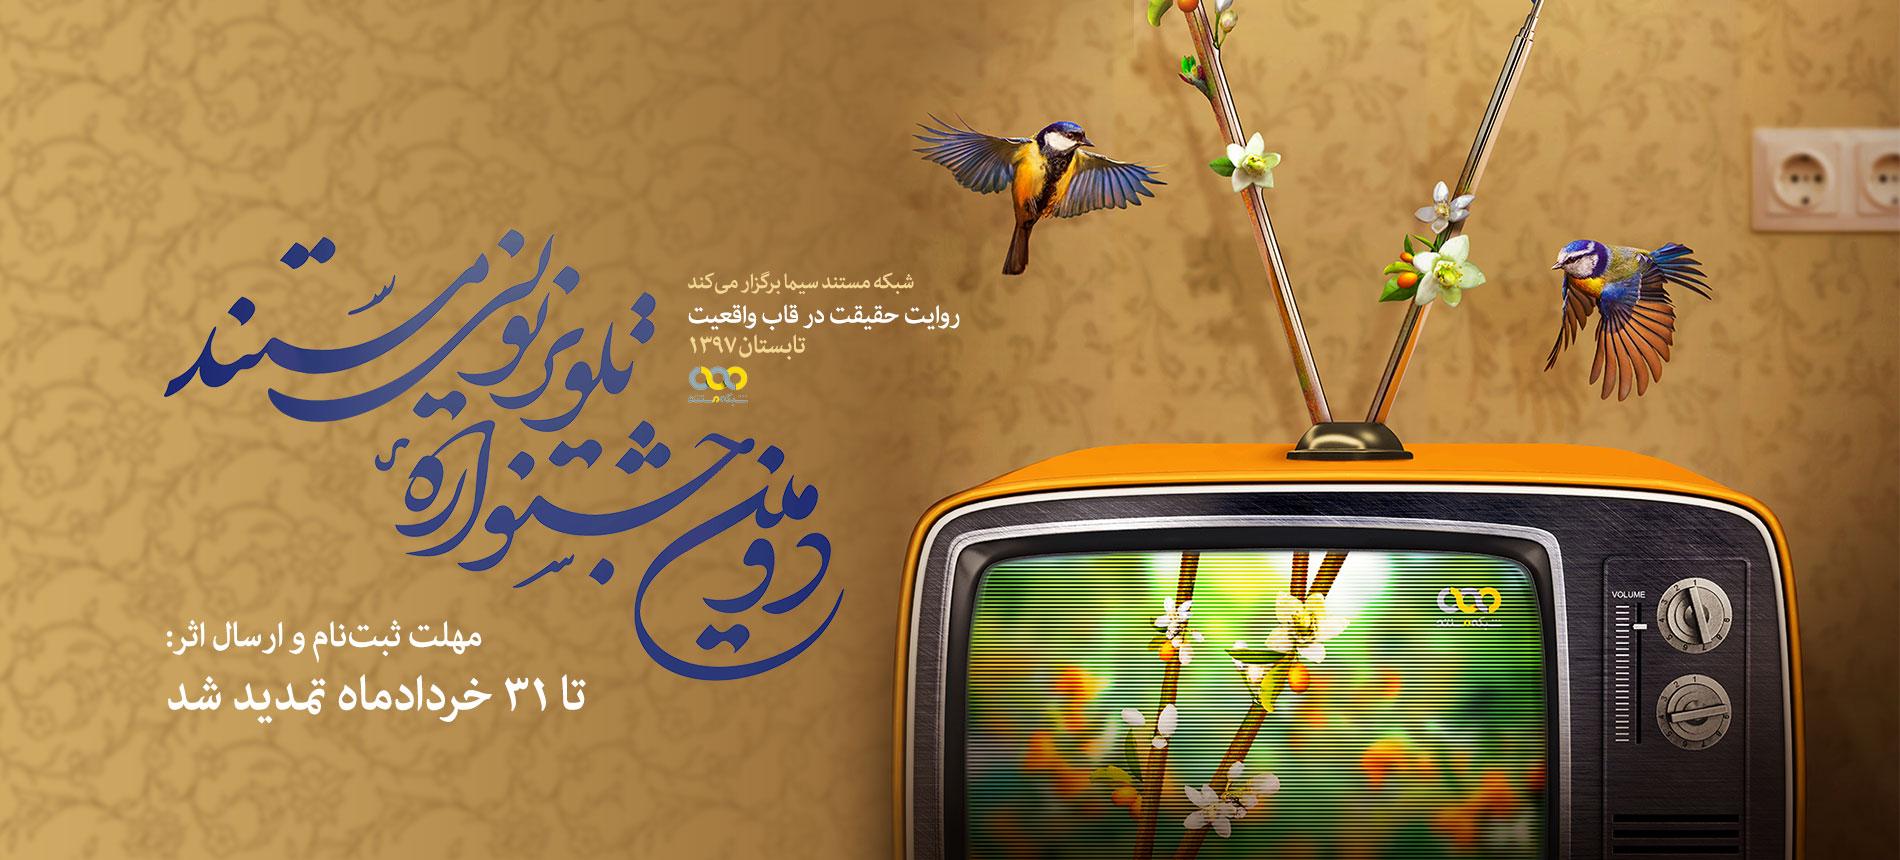 تمدید مهلت ثبت نام در دومین جشنواره تلویزیونی مستند تا 31 خردادماه